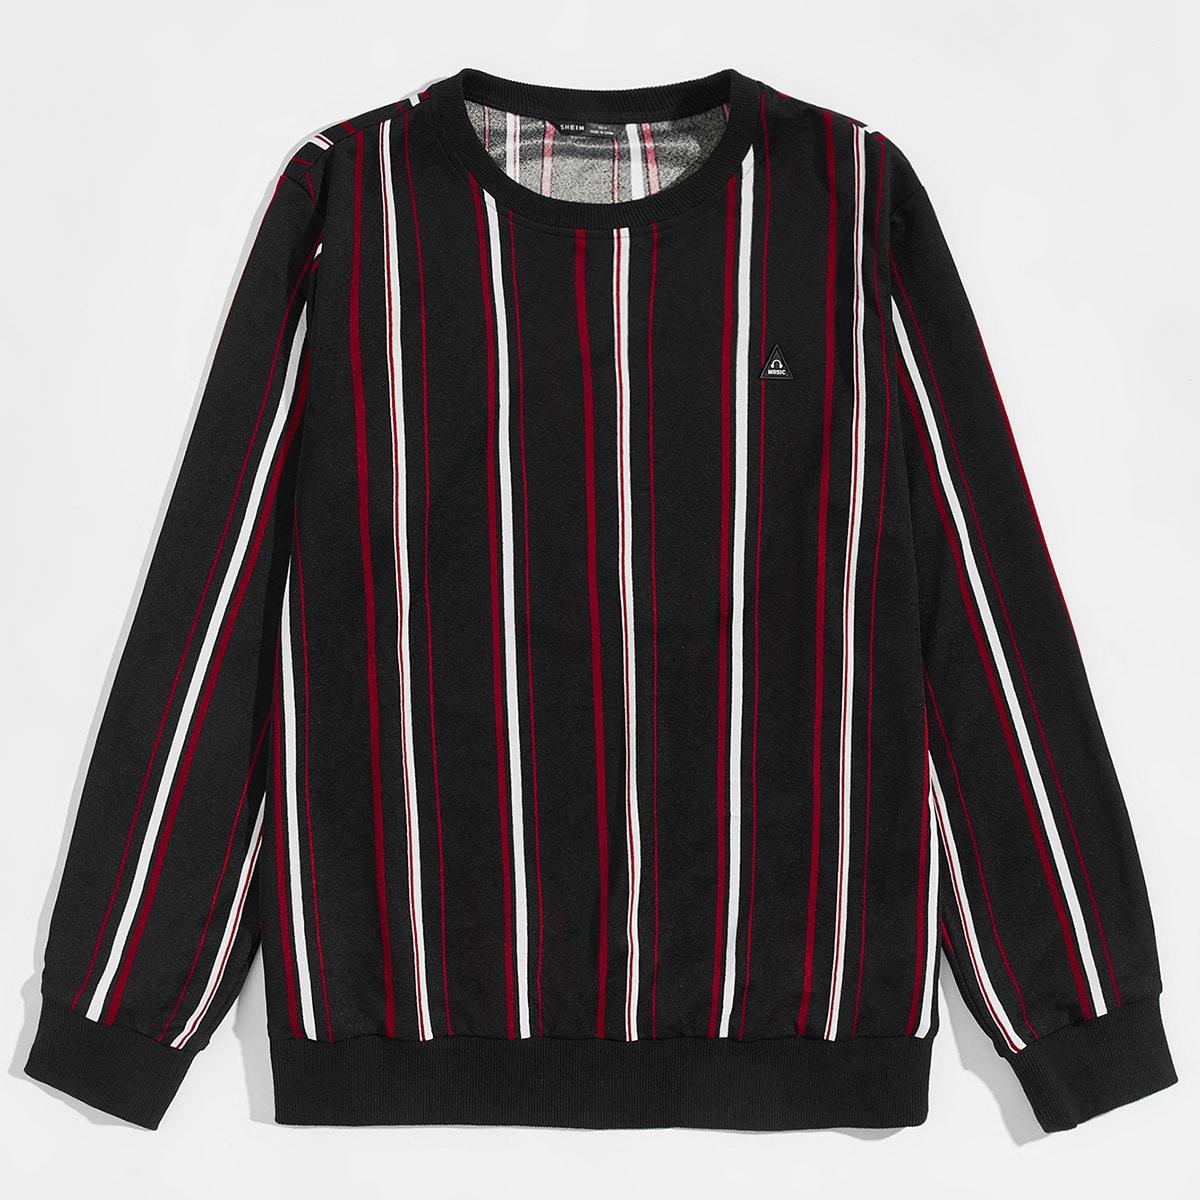 Мужской пуловер в полоску с заплатой улыбки от SHEIN